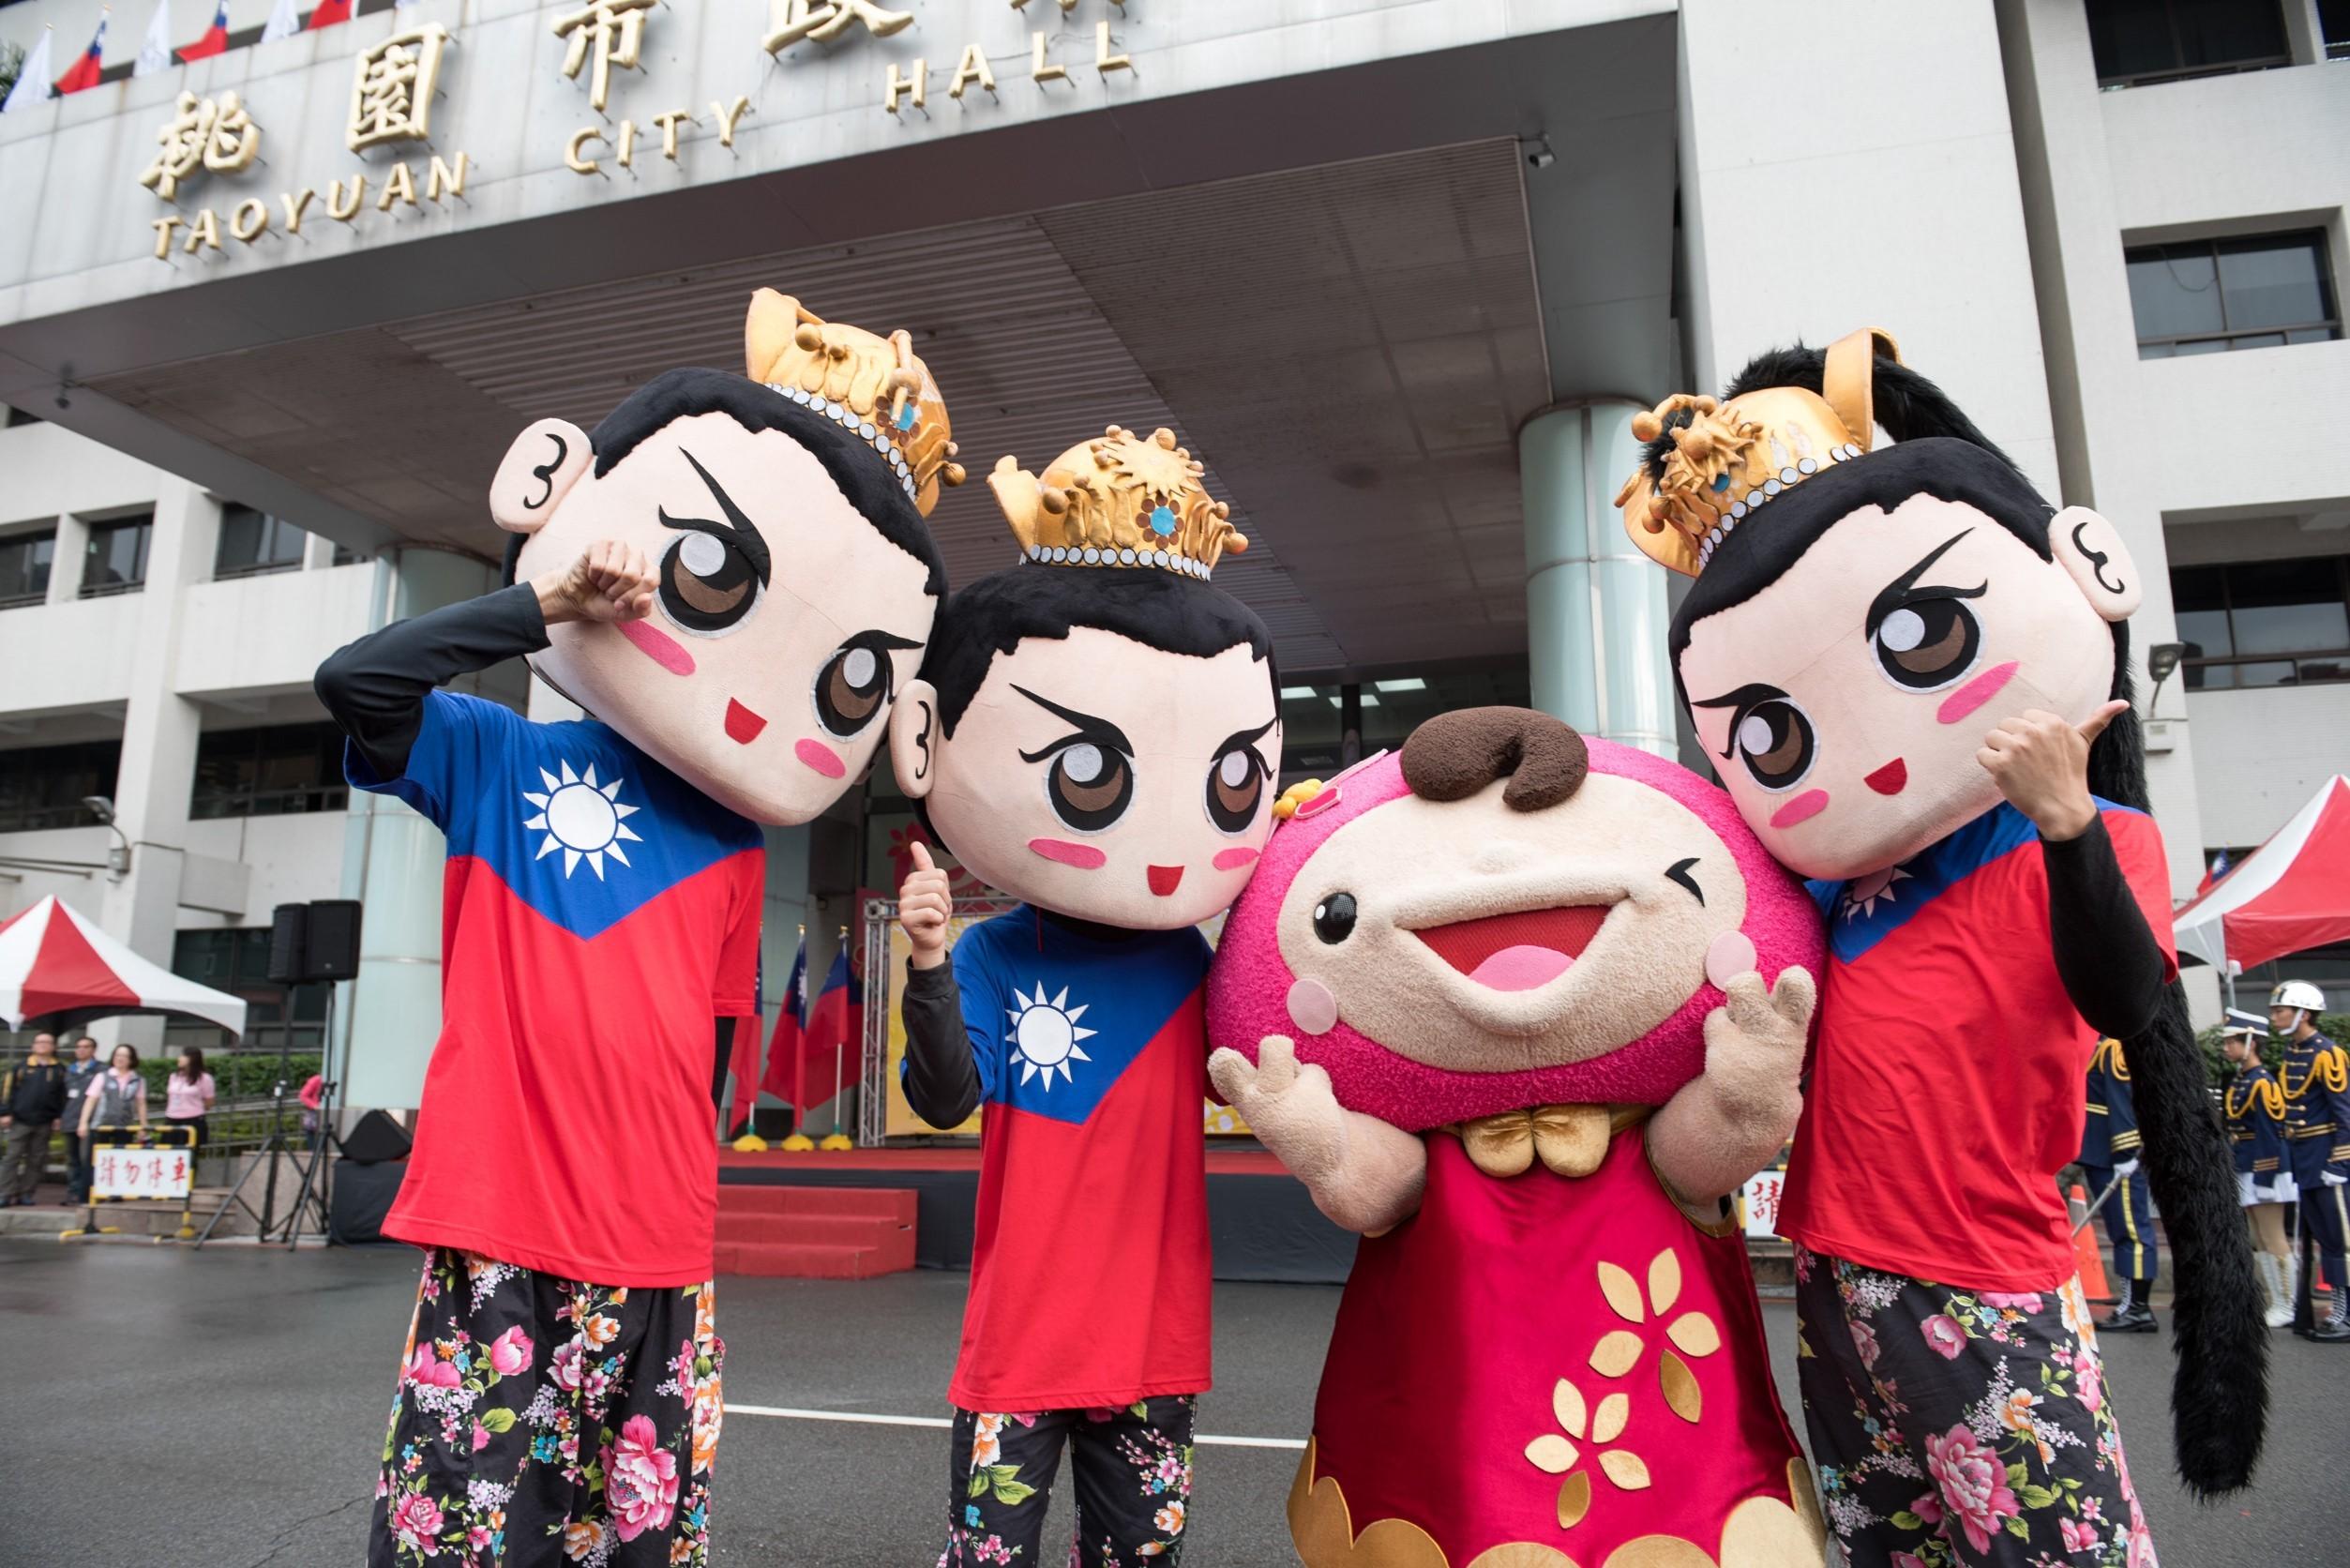 市府吉祥物ㄚ桃和著國旗裝、戴人偶頭像的表演者合影